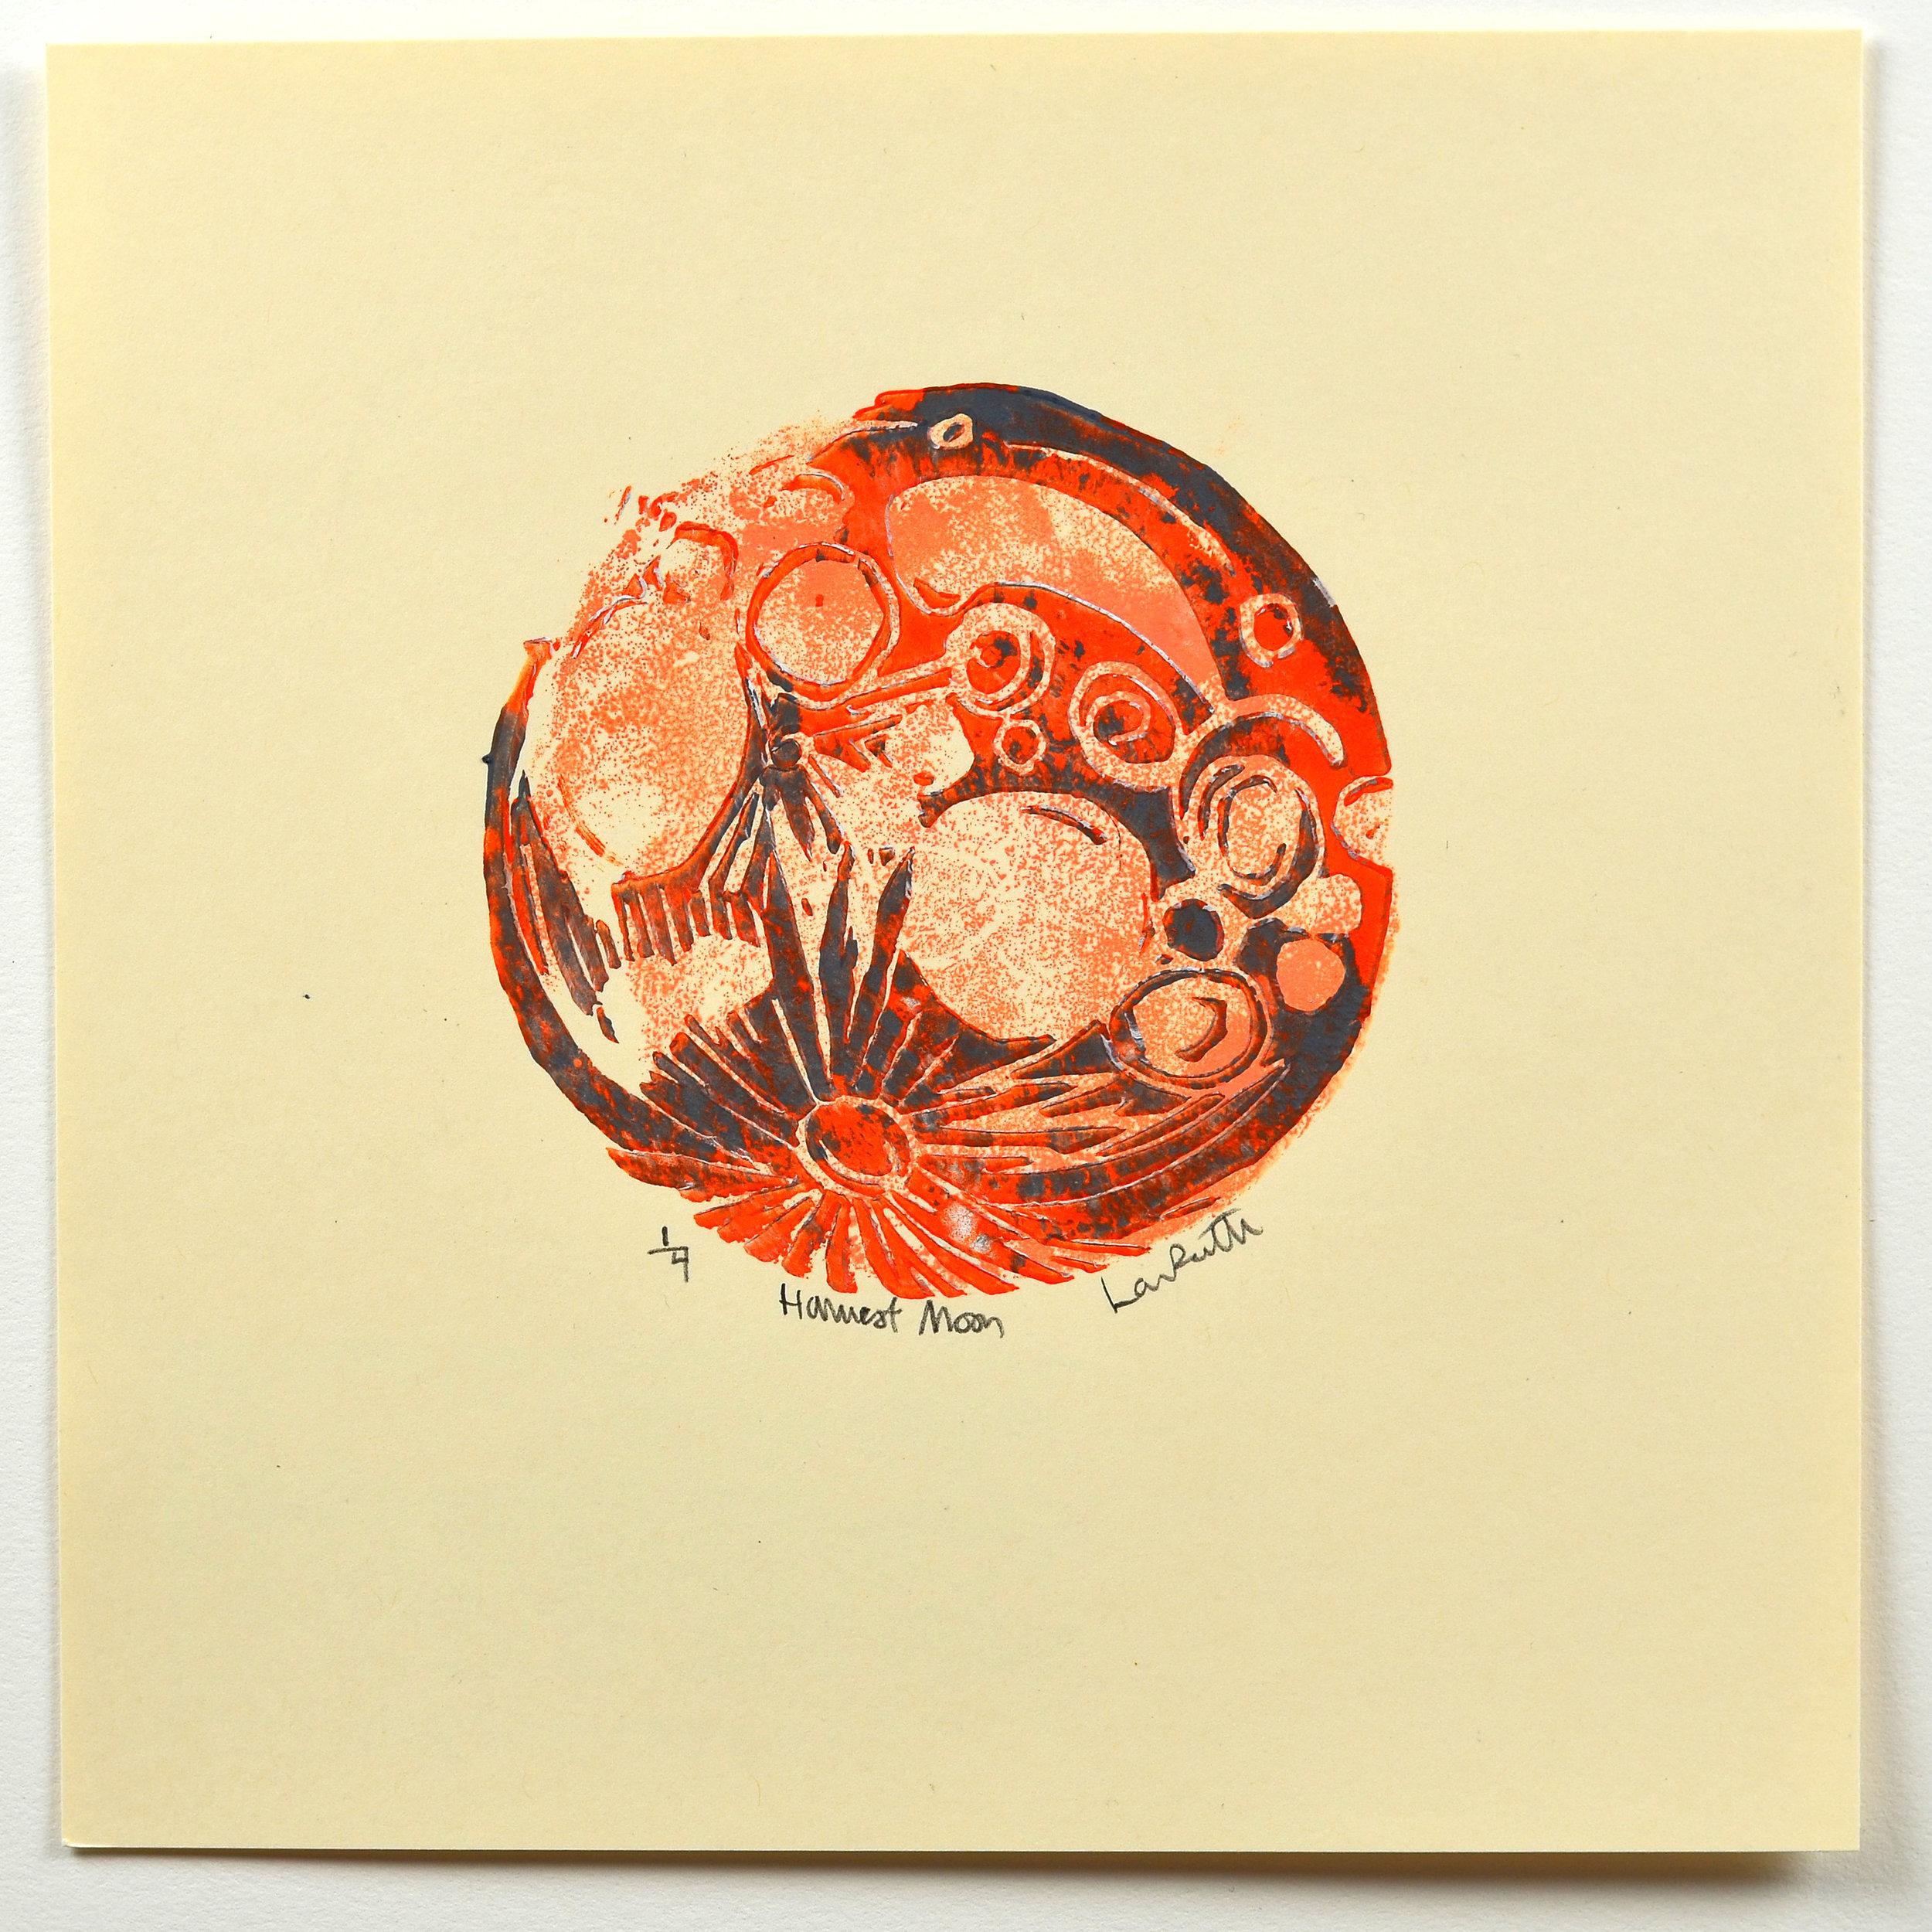 Lauren Renzetti    Harvest Moon Quarter   Relief, lino